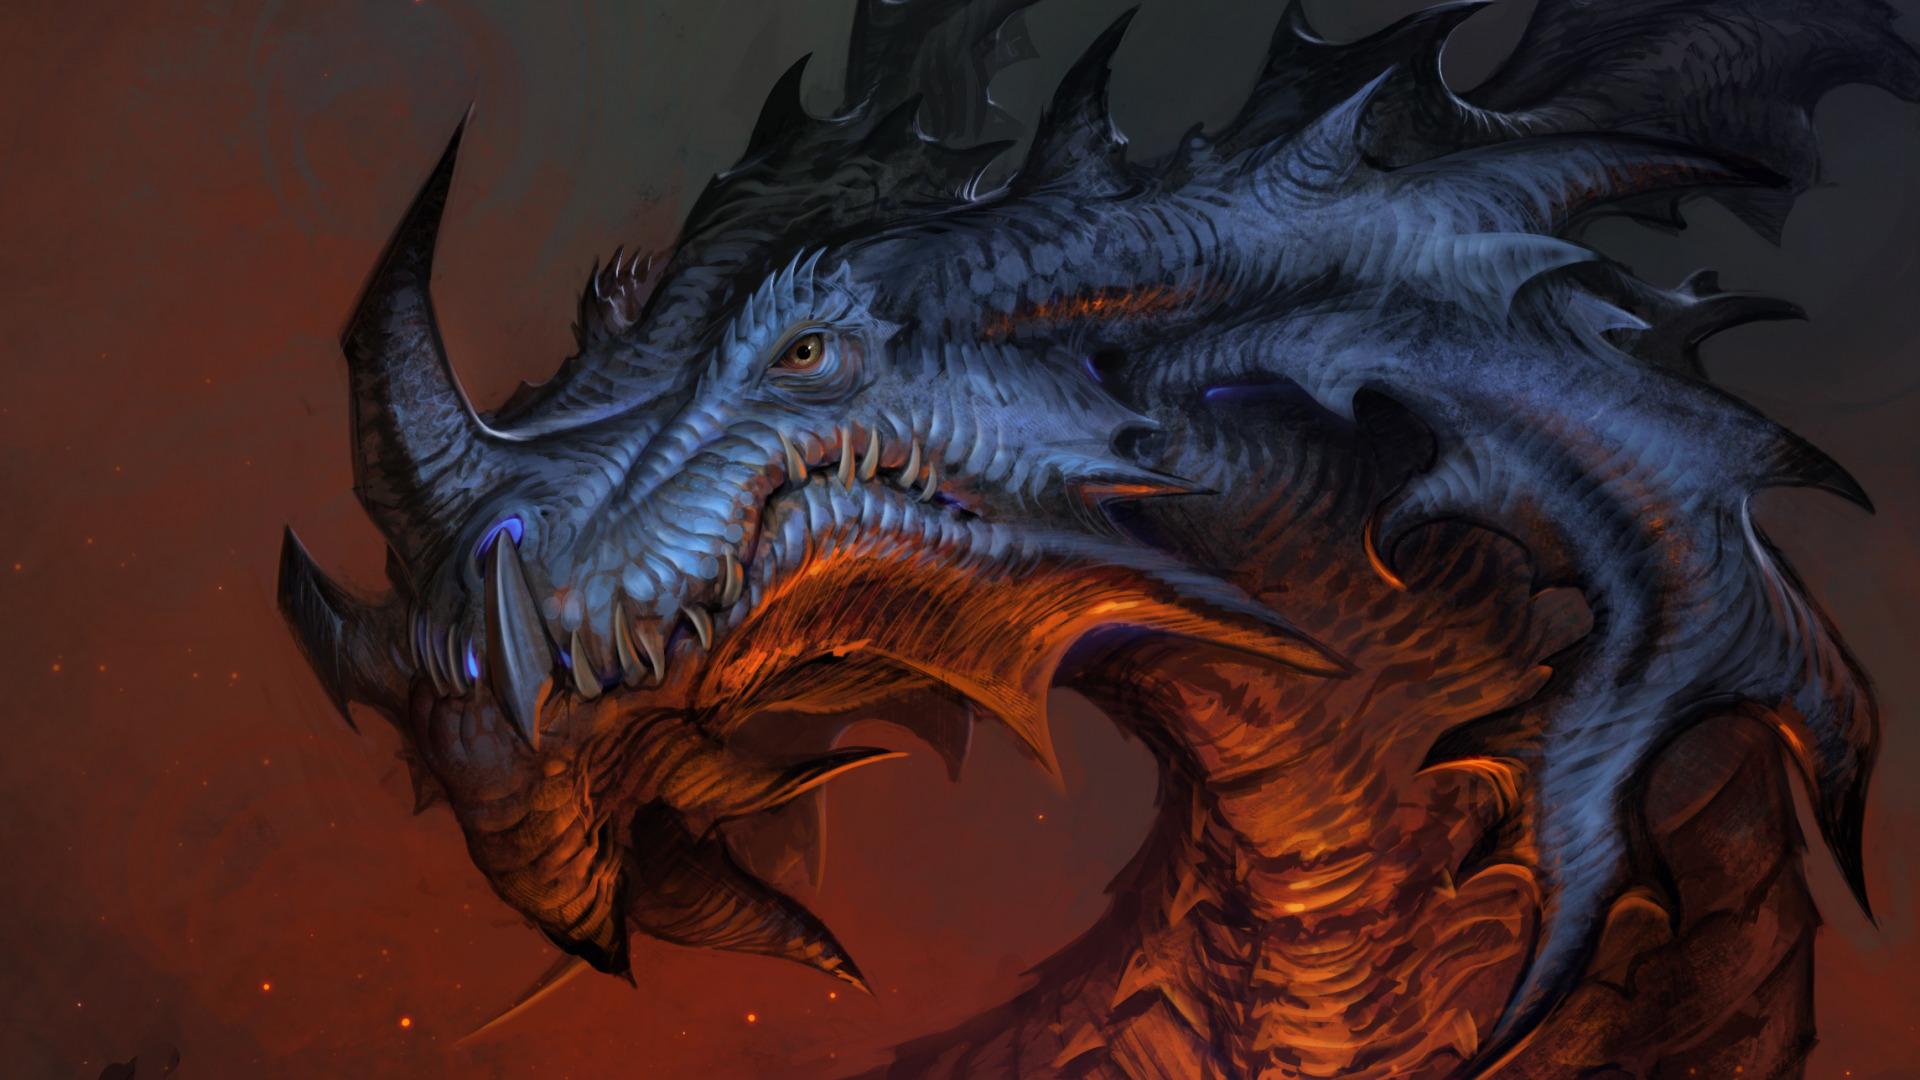 Крутые драконы картинки, интерактивная новый